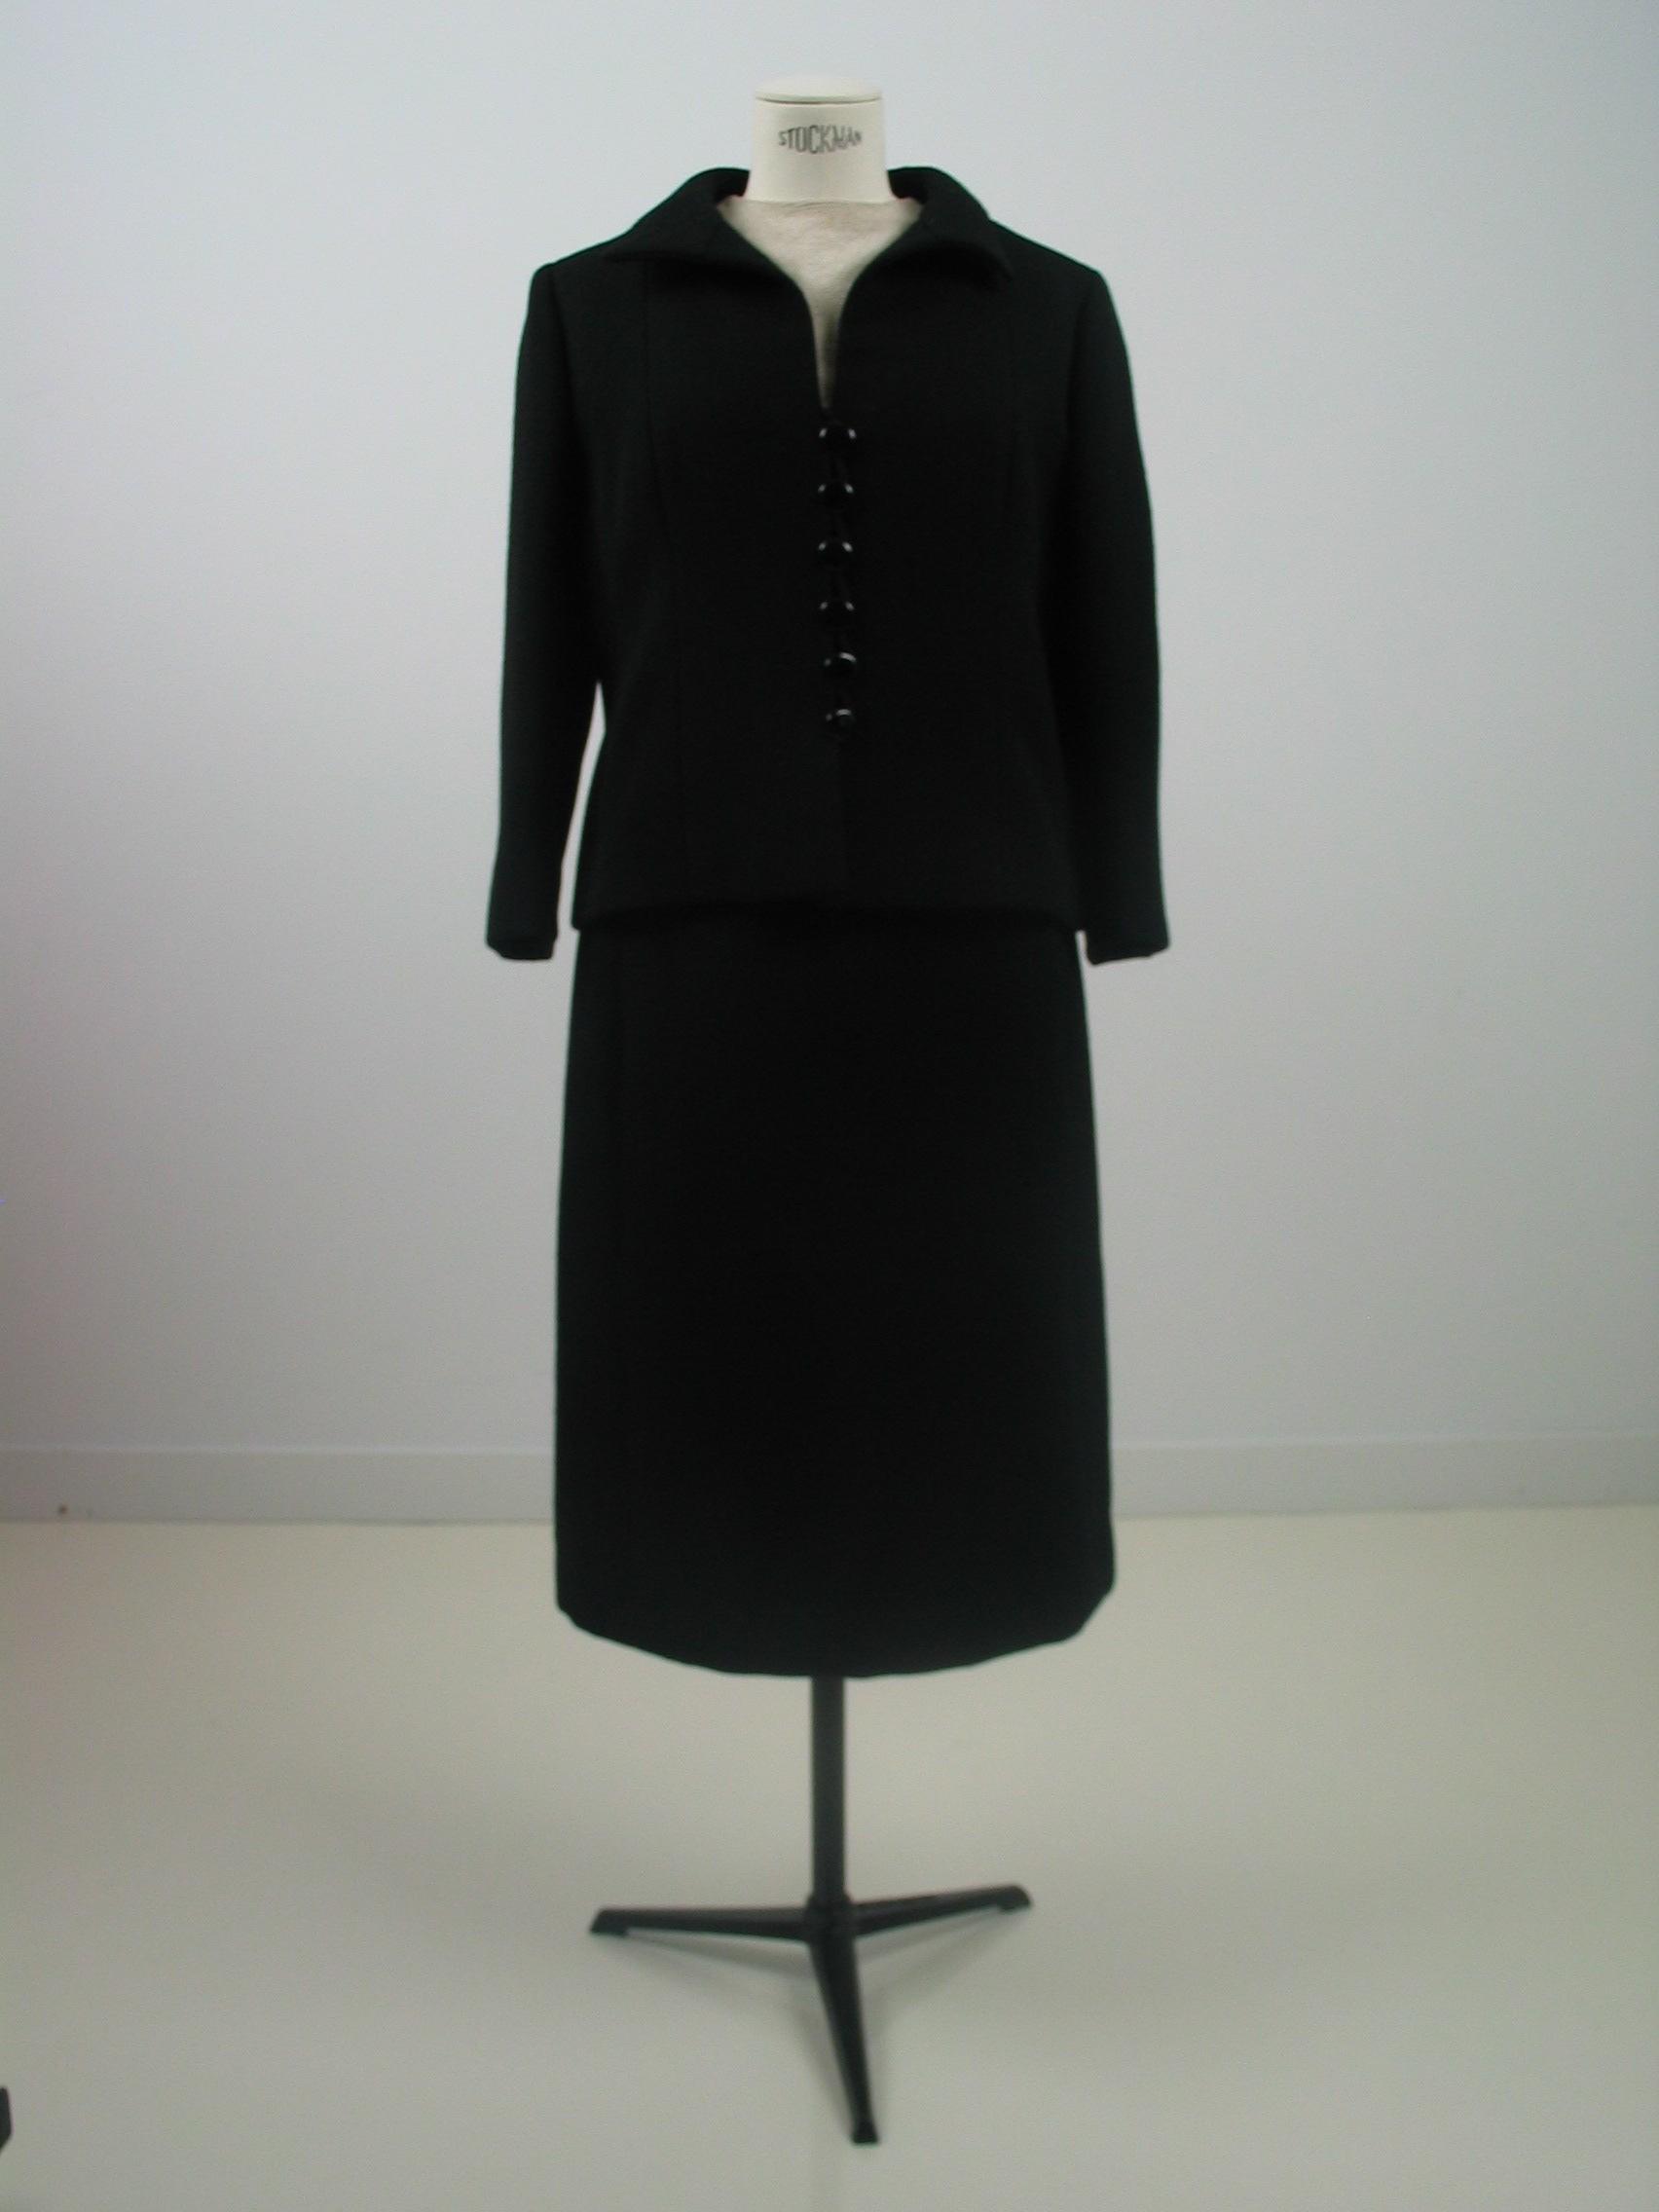 Traje de chaqueta en sarga negra con cuerpo en otoman marfil